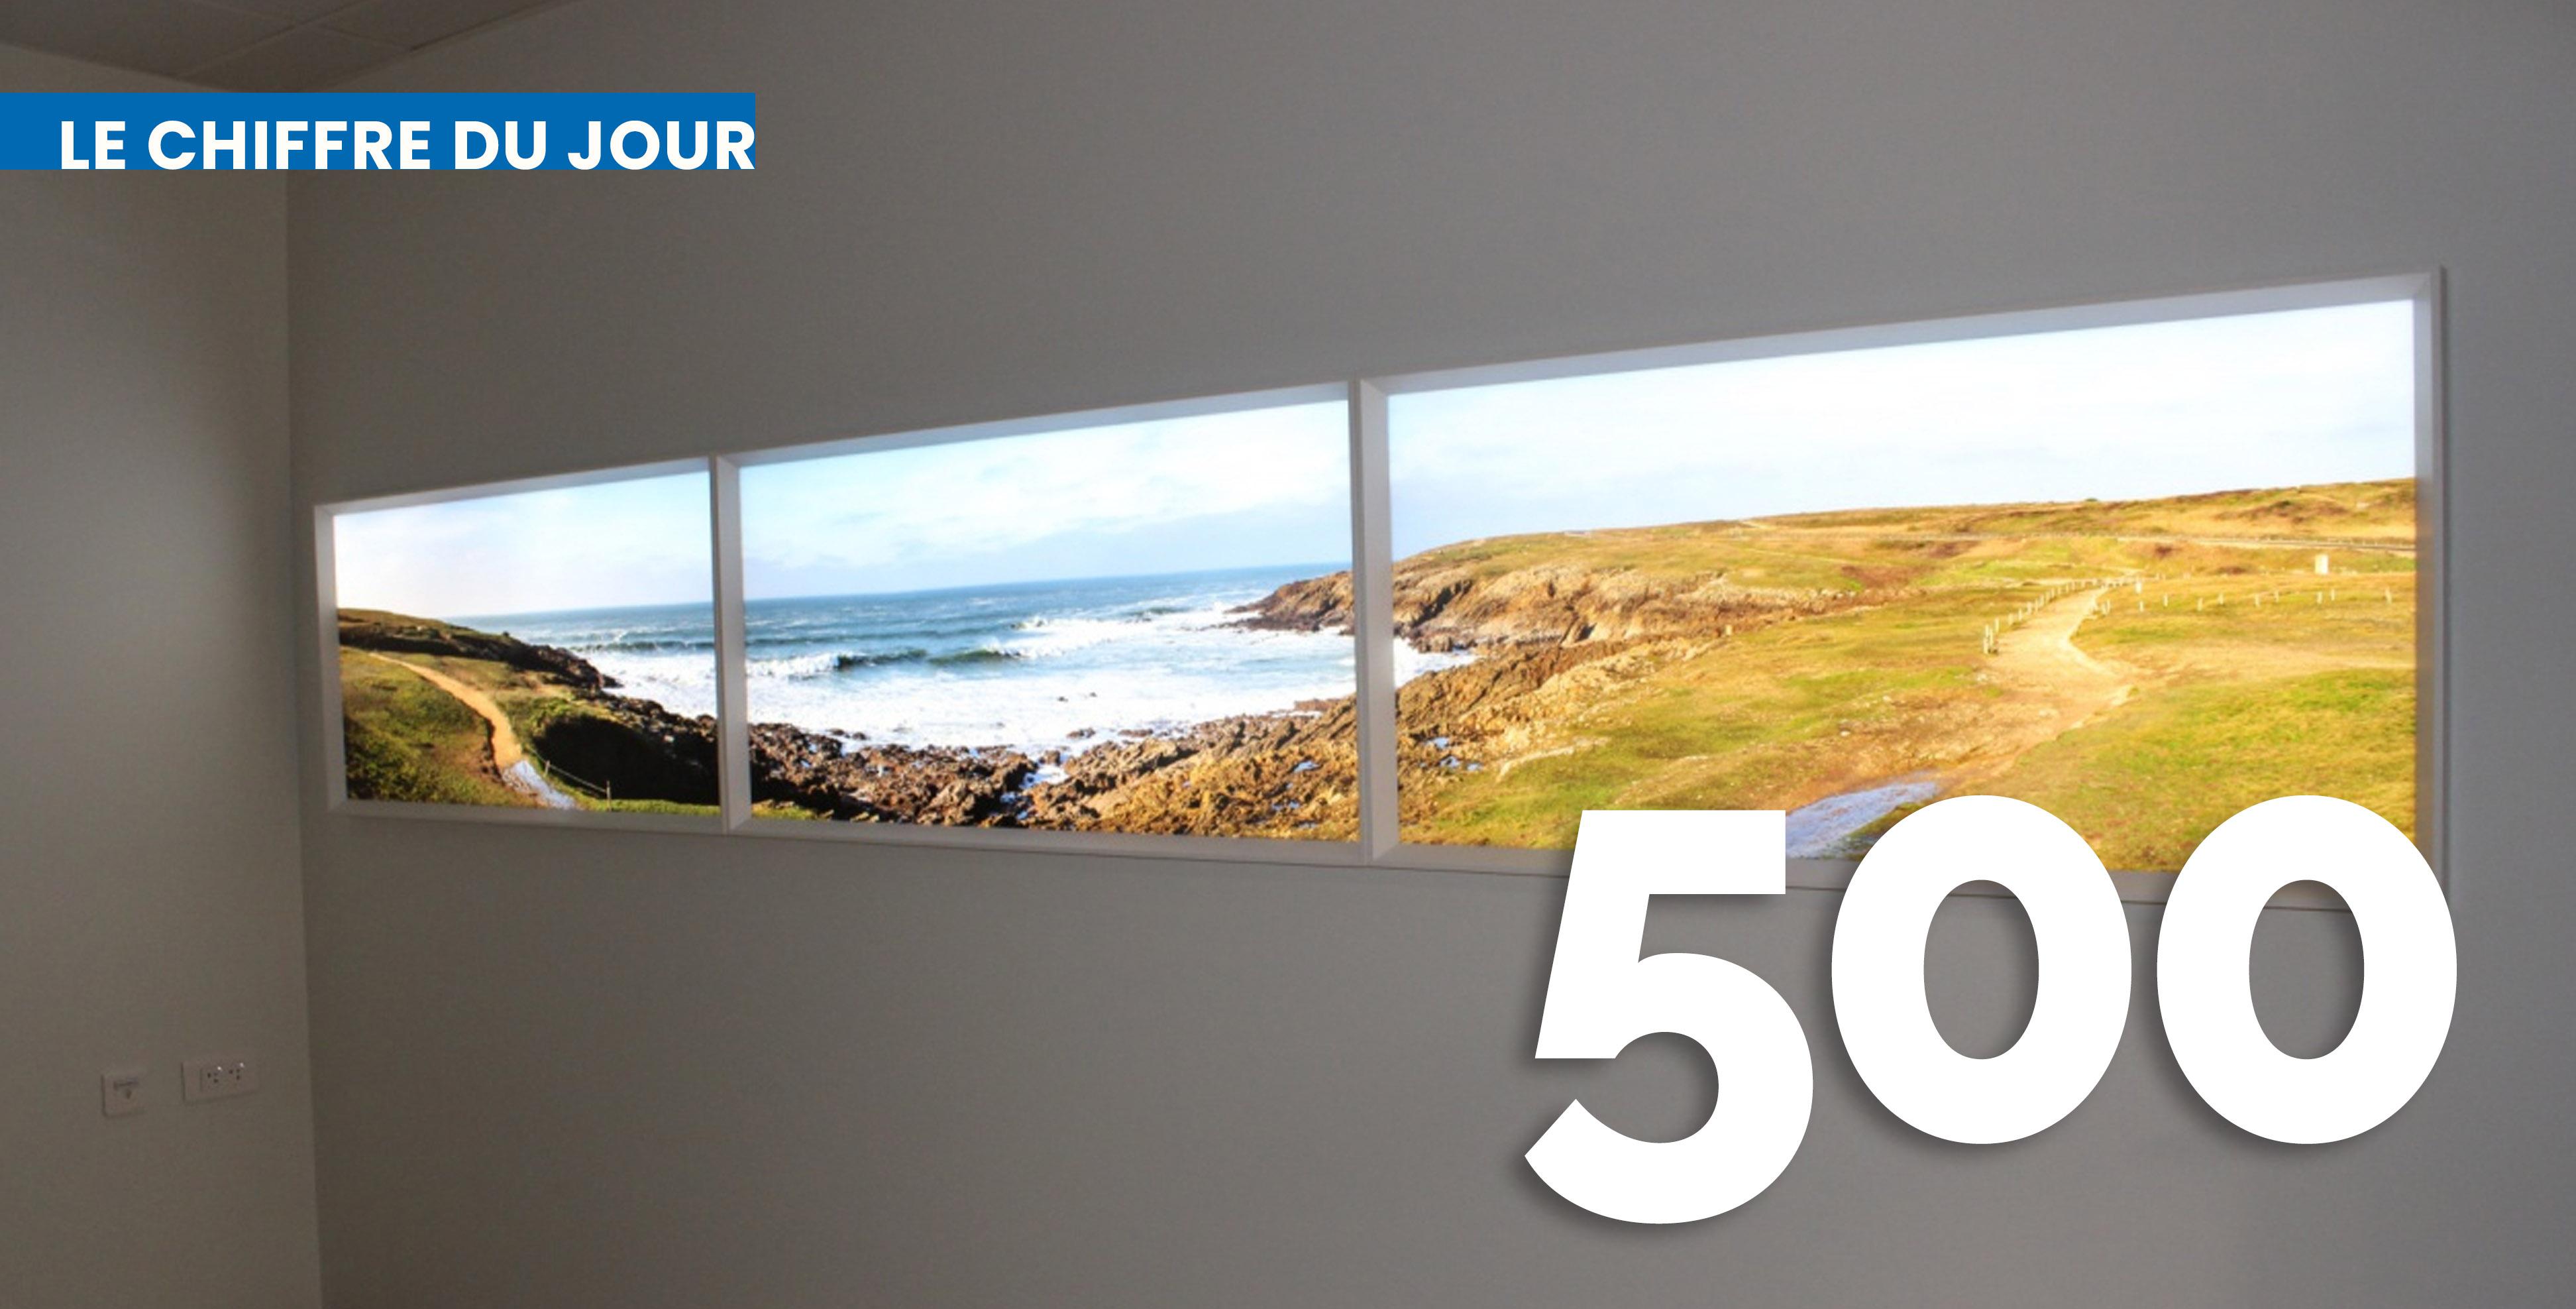 Les nouvelles salles de naissance proposent aussi des des écrans panoramiques avec des images de paysages apaisants